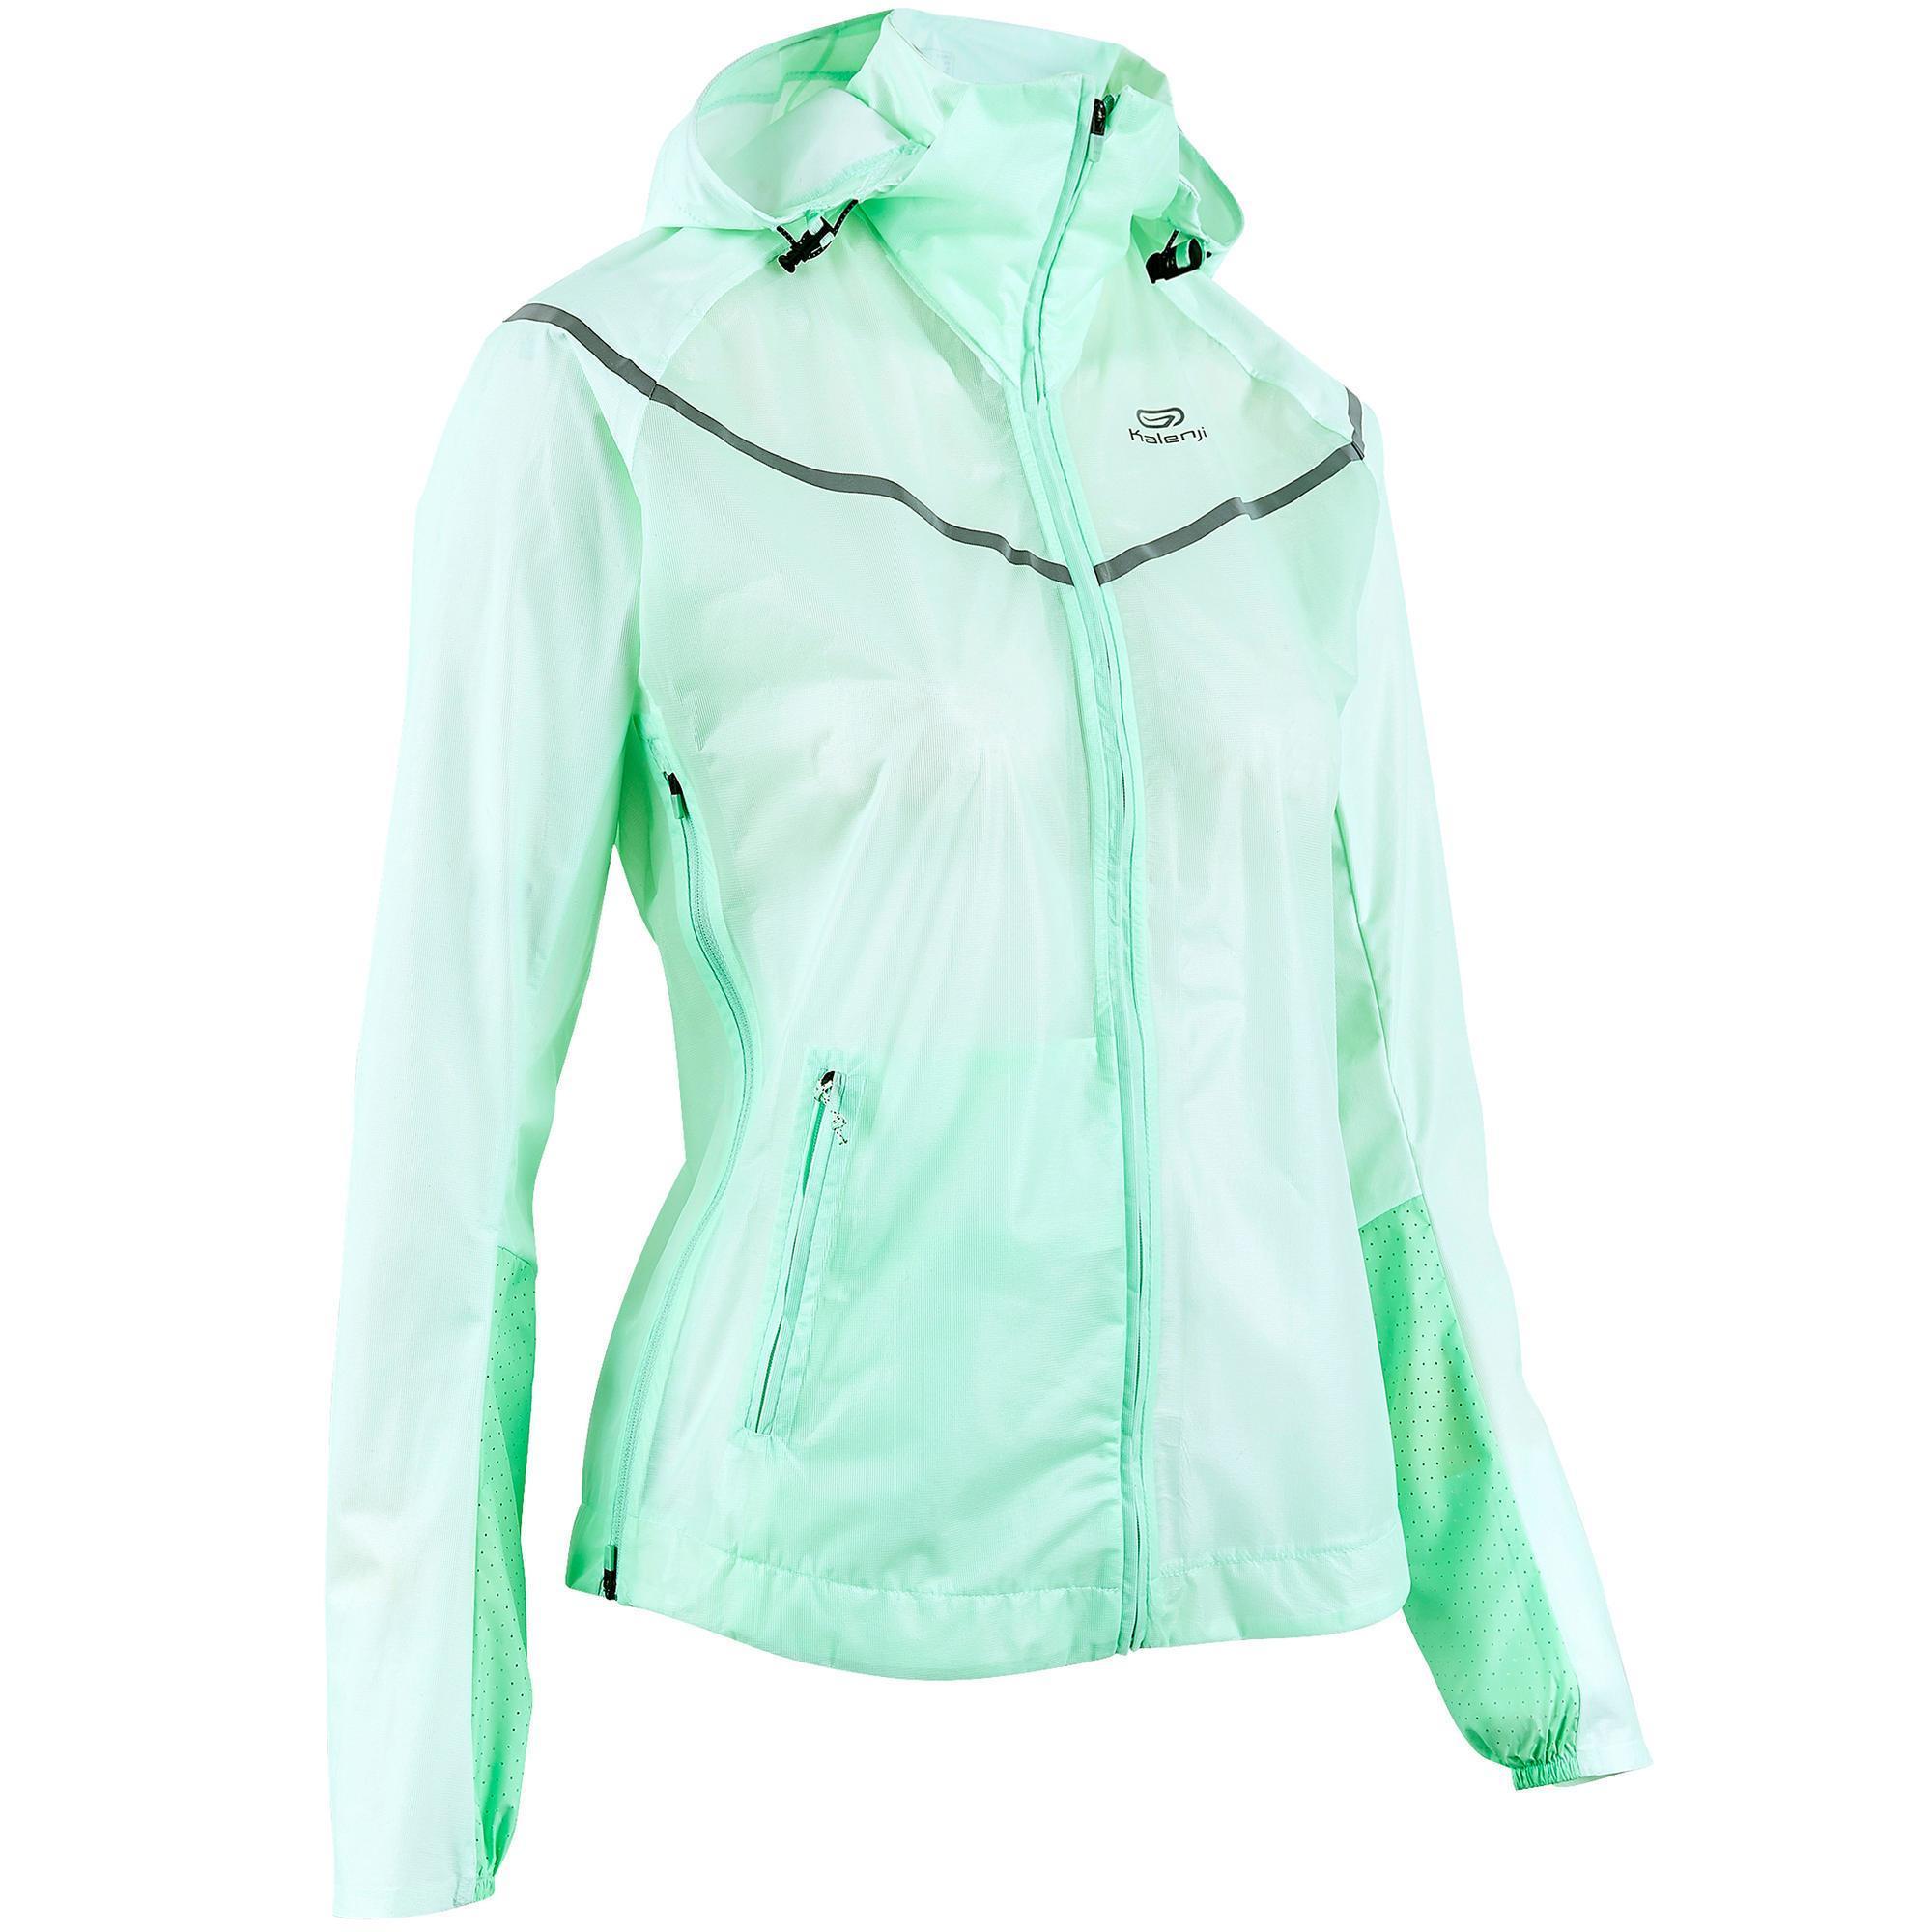 venta en línea gama muy codiciada de estilo de moda de 2019 Comprar Cortavientos y Chaquetas de Running Mujer | Decathlon